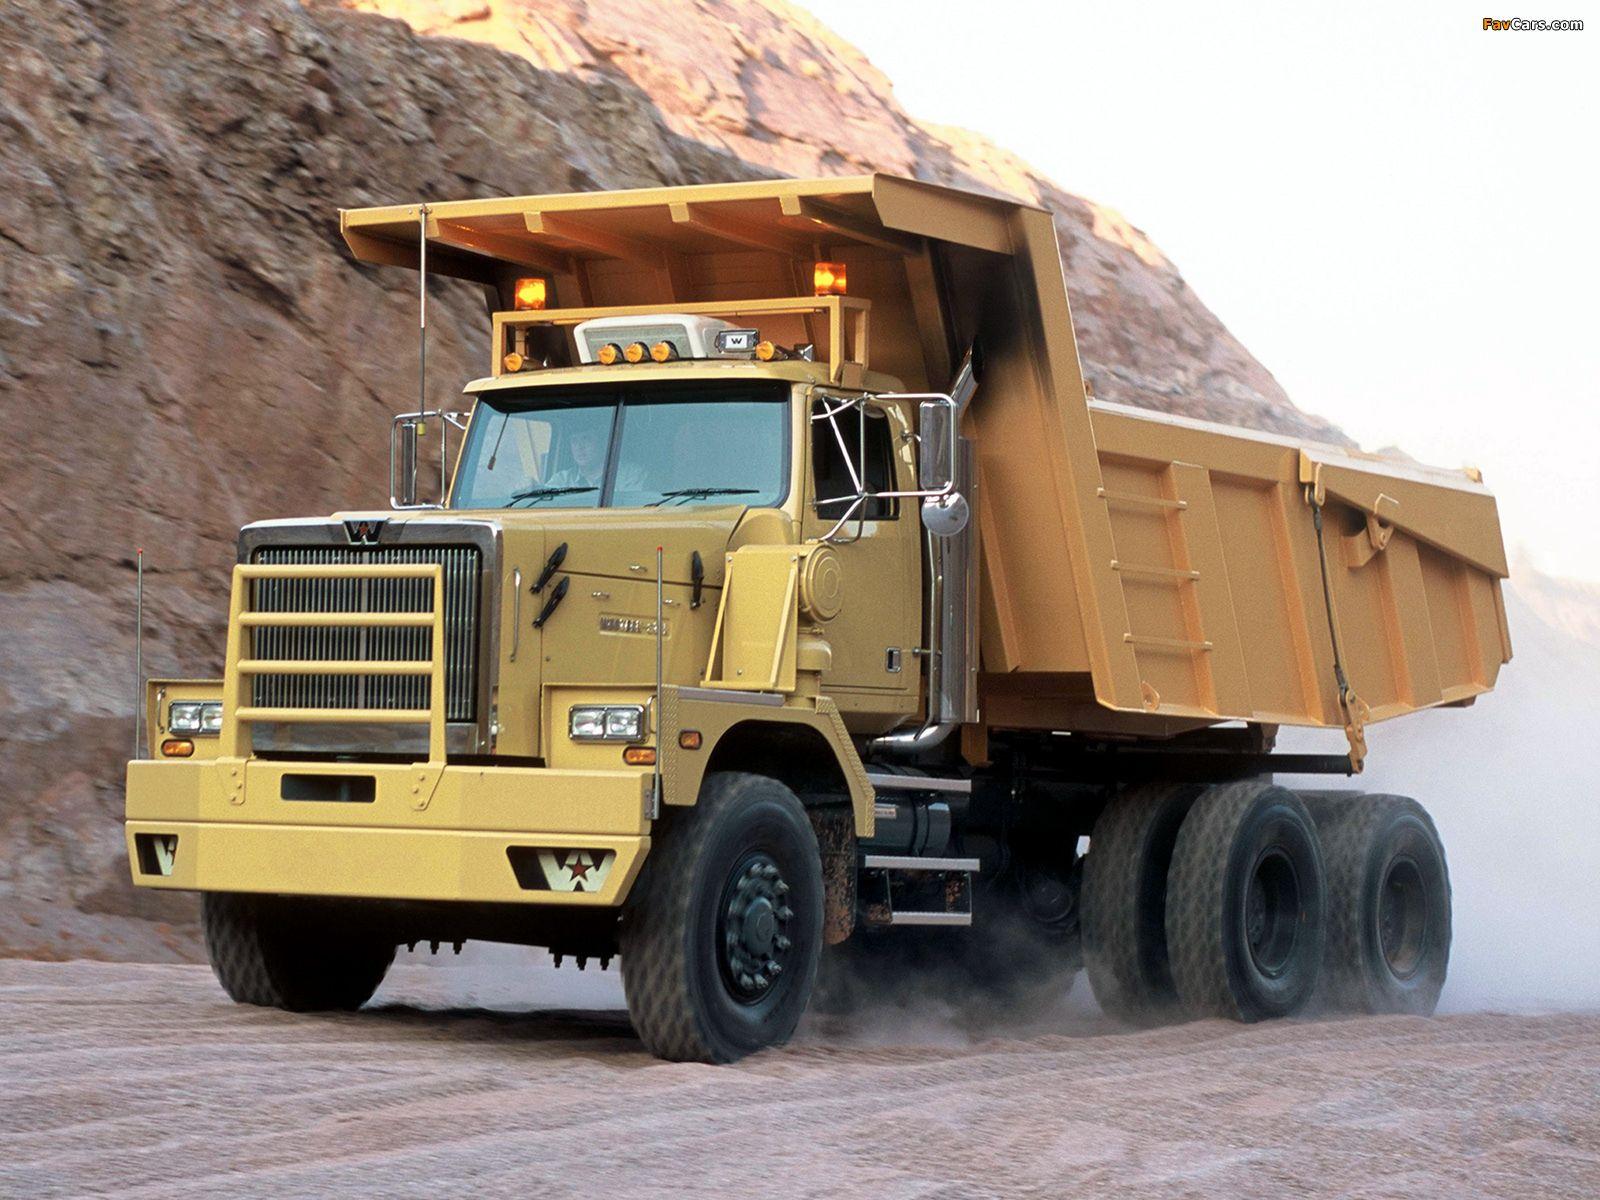 Western Star 6900xd Dump Truck 2008 Dump Trucks Trucks Offroad